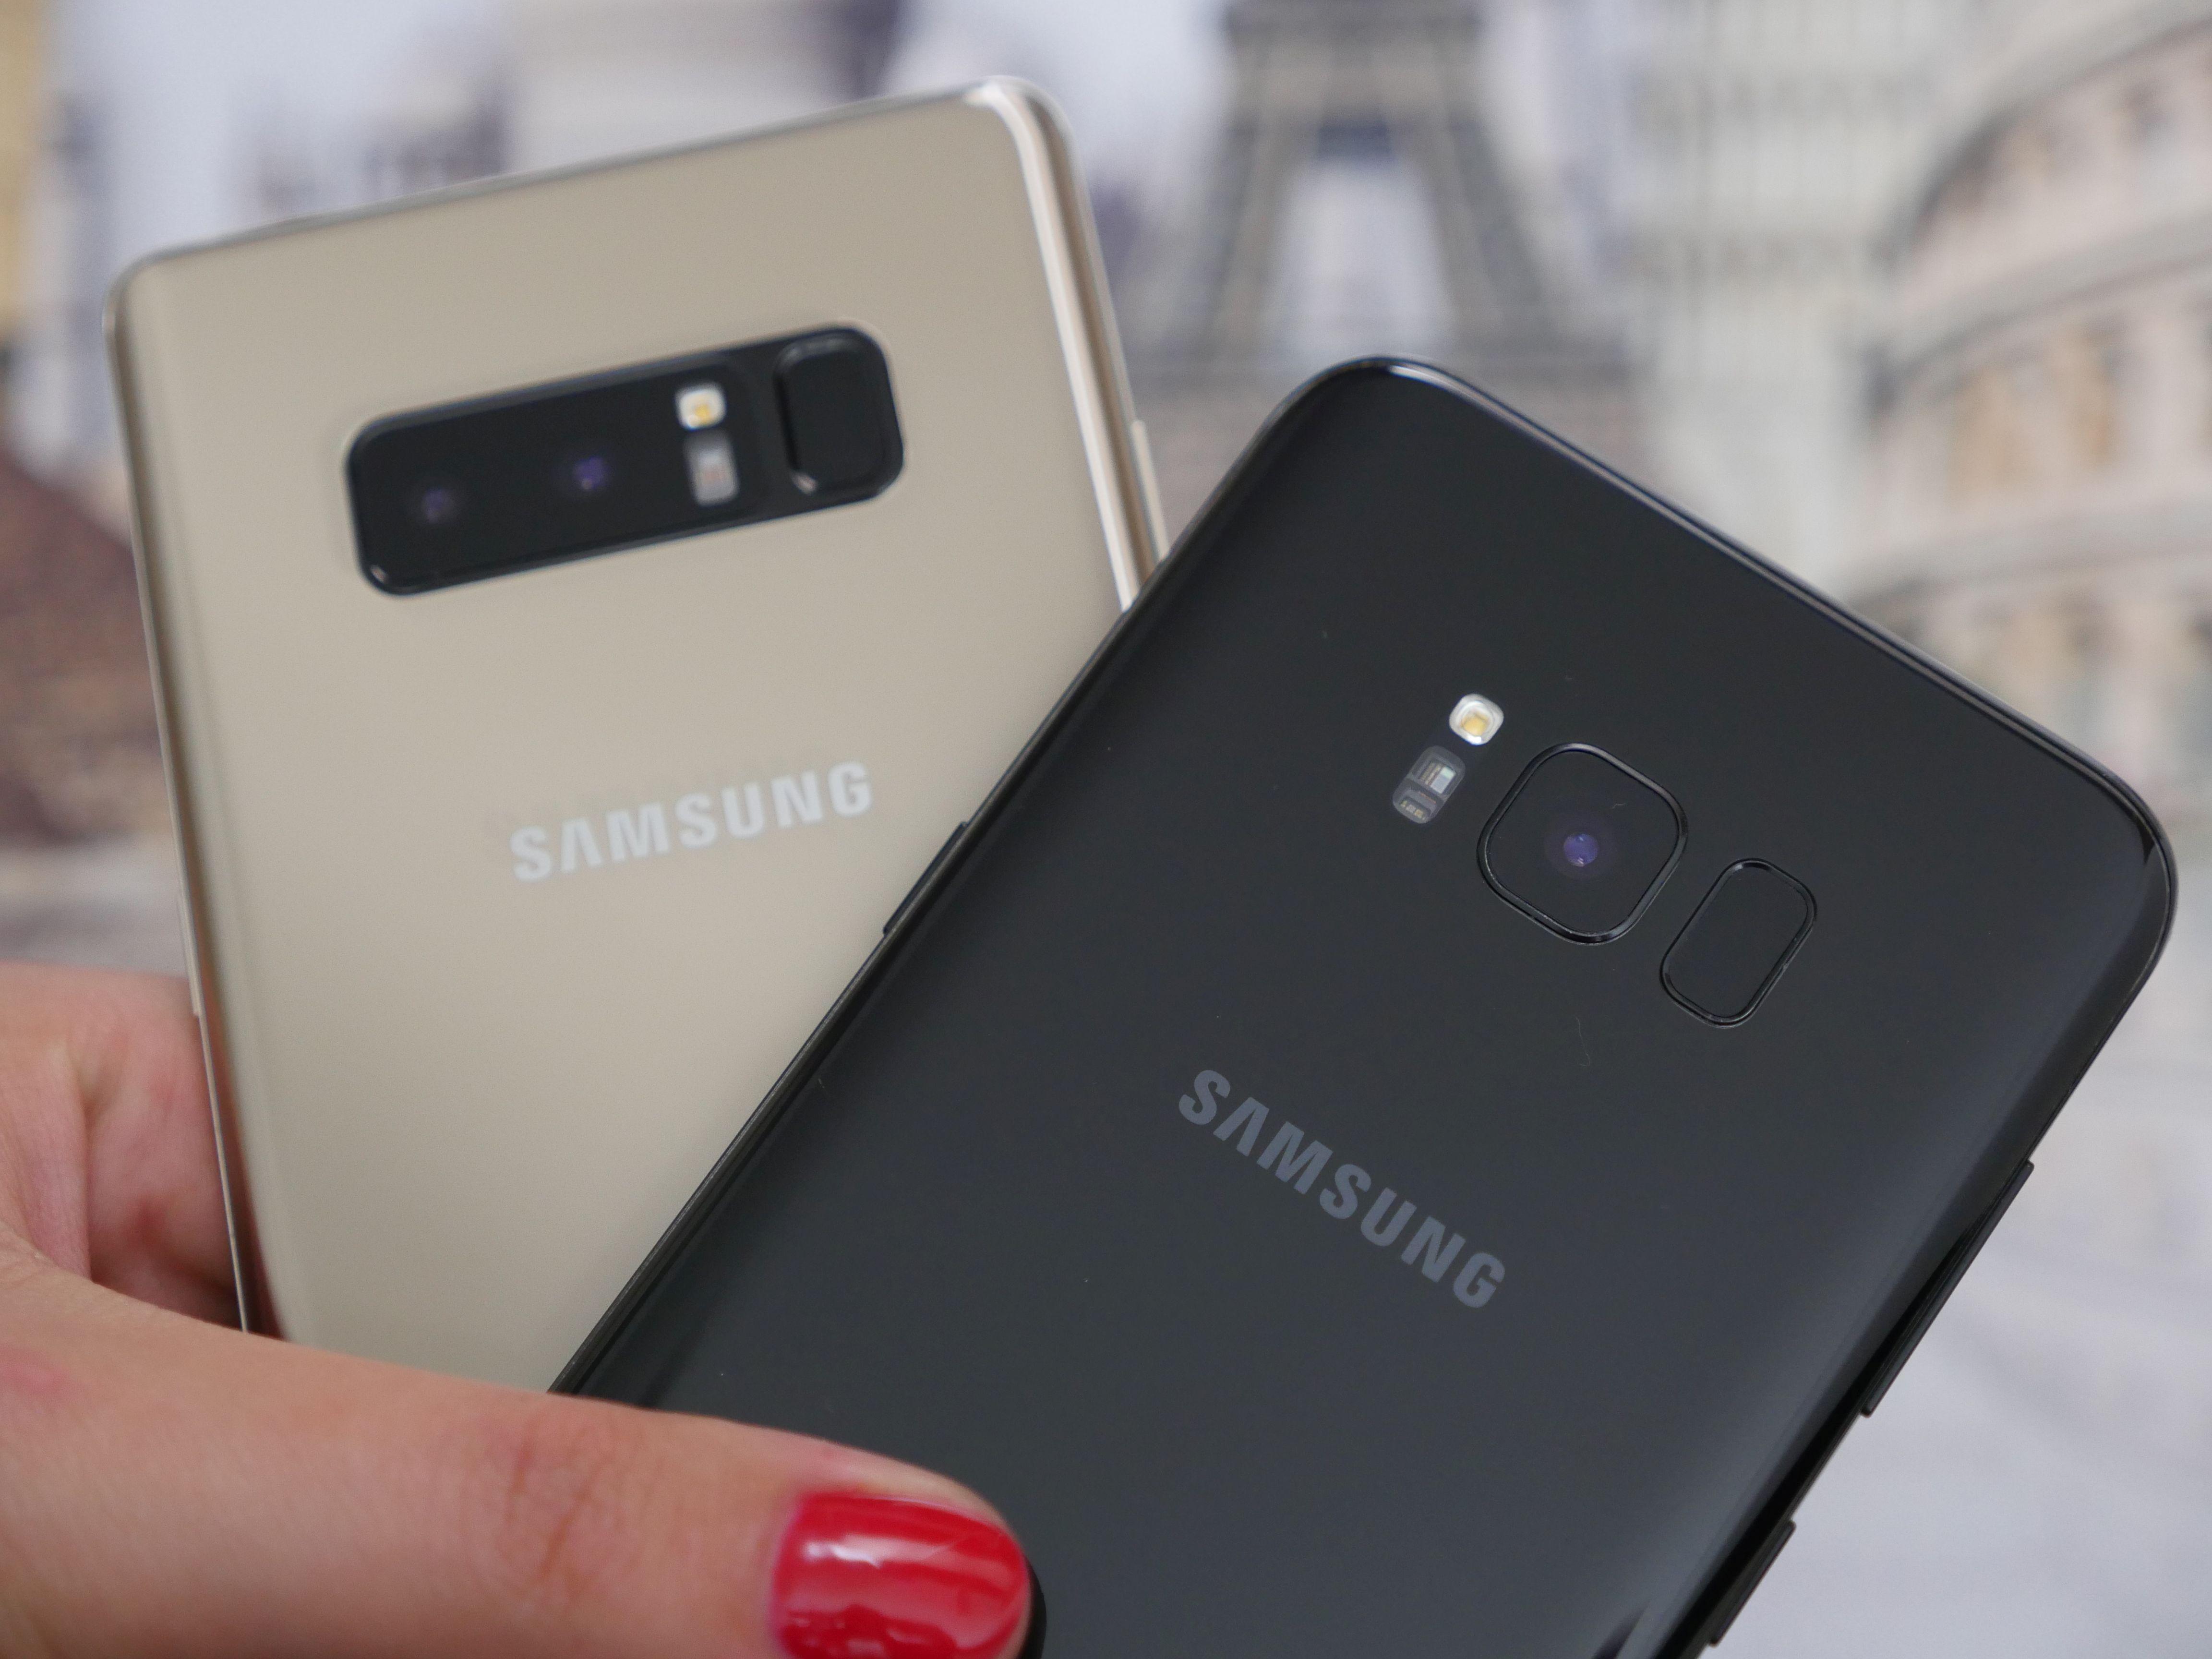 Tu nie ma złego wyboru: Samsung Galaxy Note 8 vs Samsung Galaxy S8 Plus 29